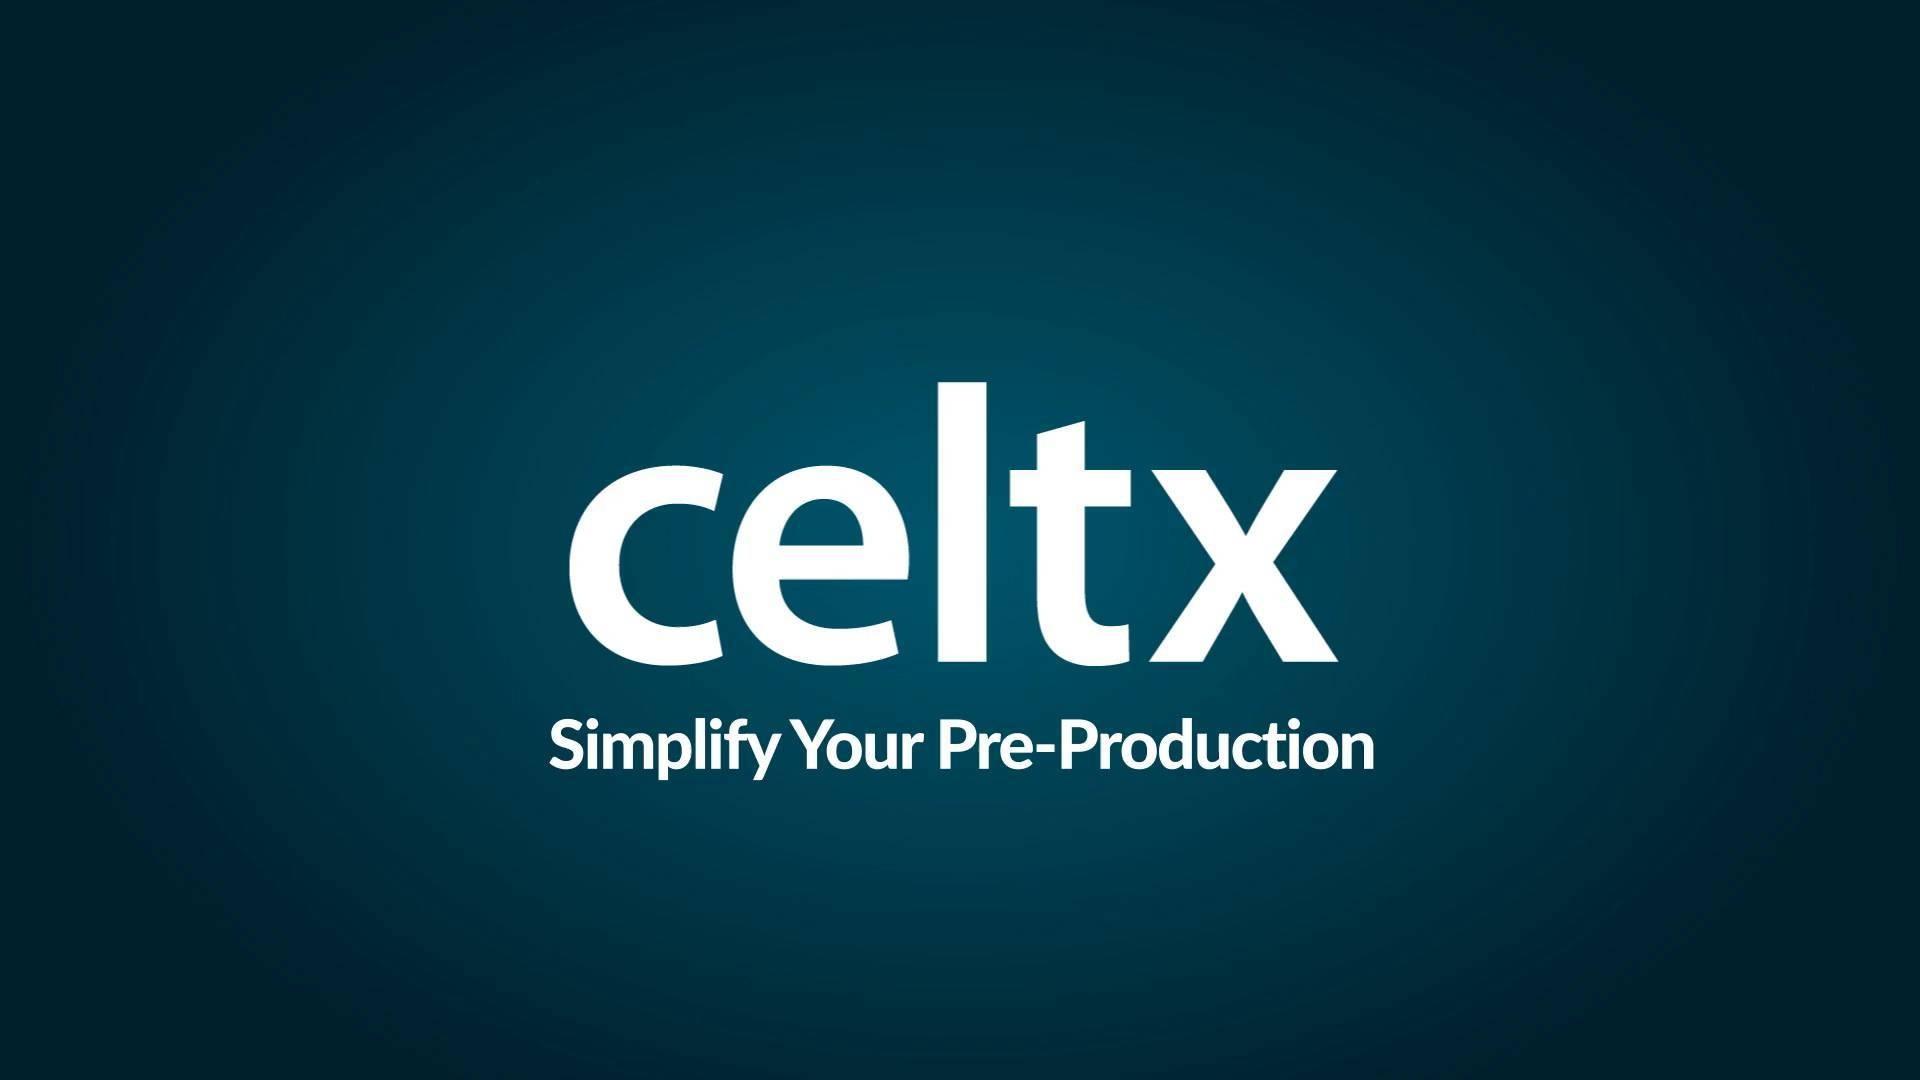 Celtx Logo